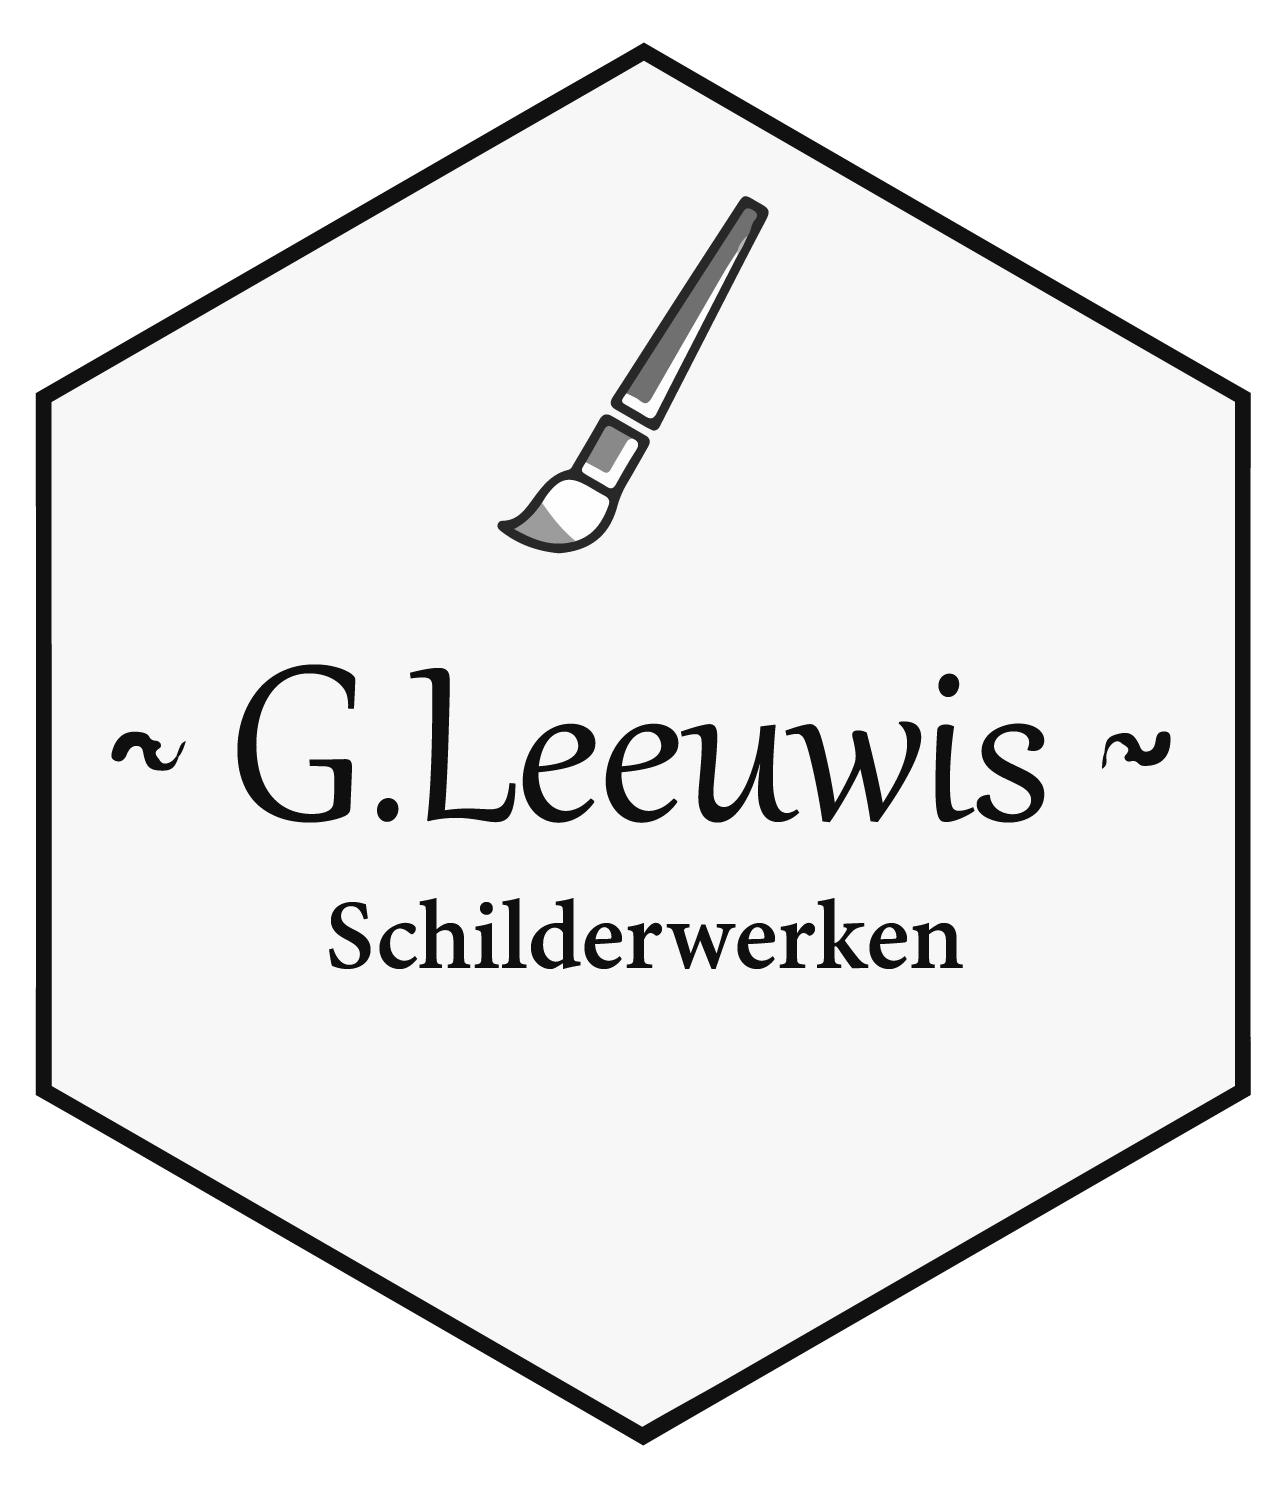 G. Leeuwis Schilderwerken